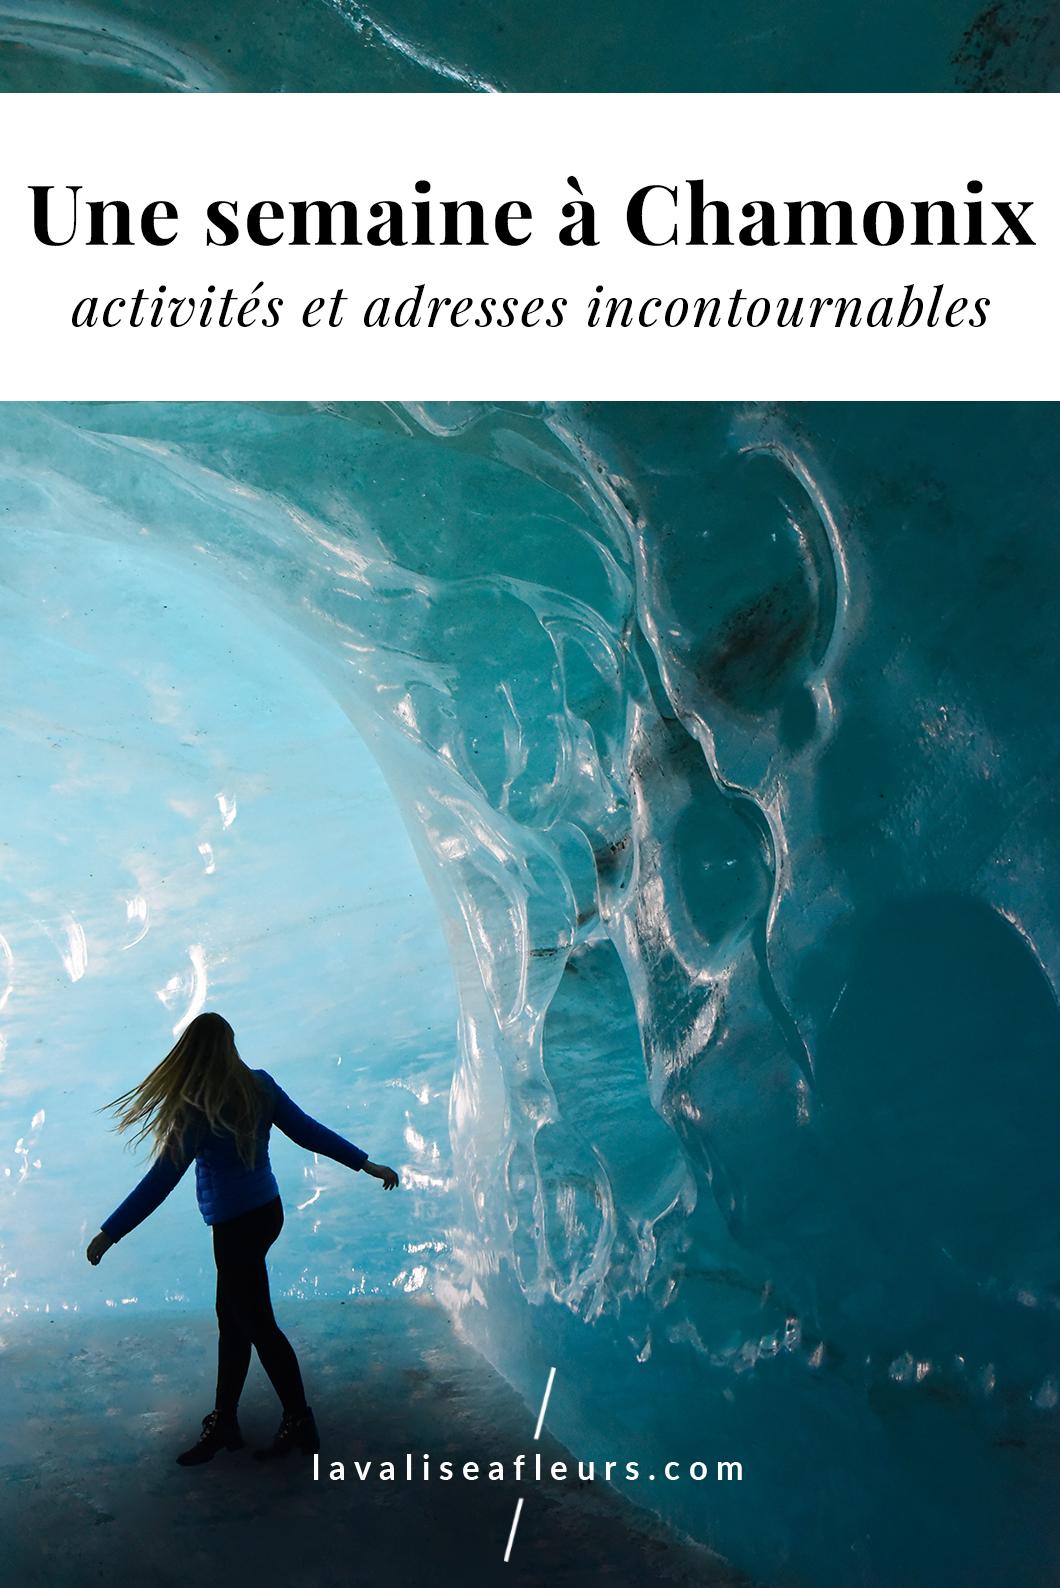 Une semaine à Chamonix, adresses et activités incontournables